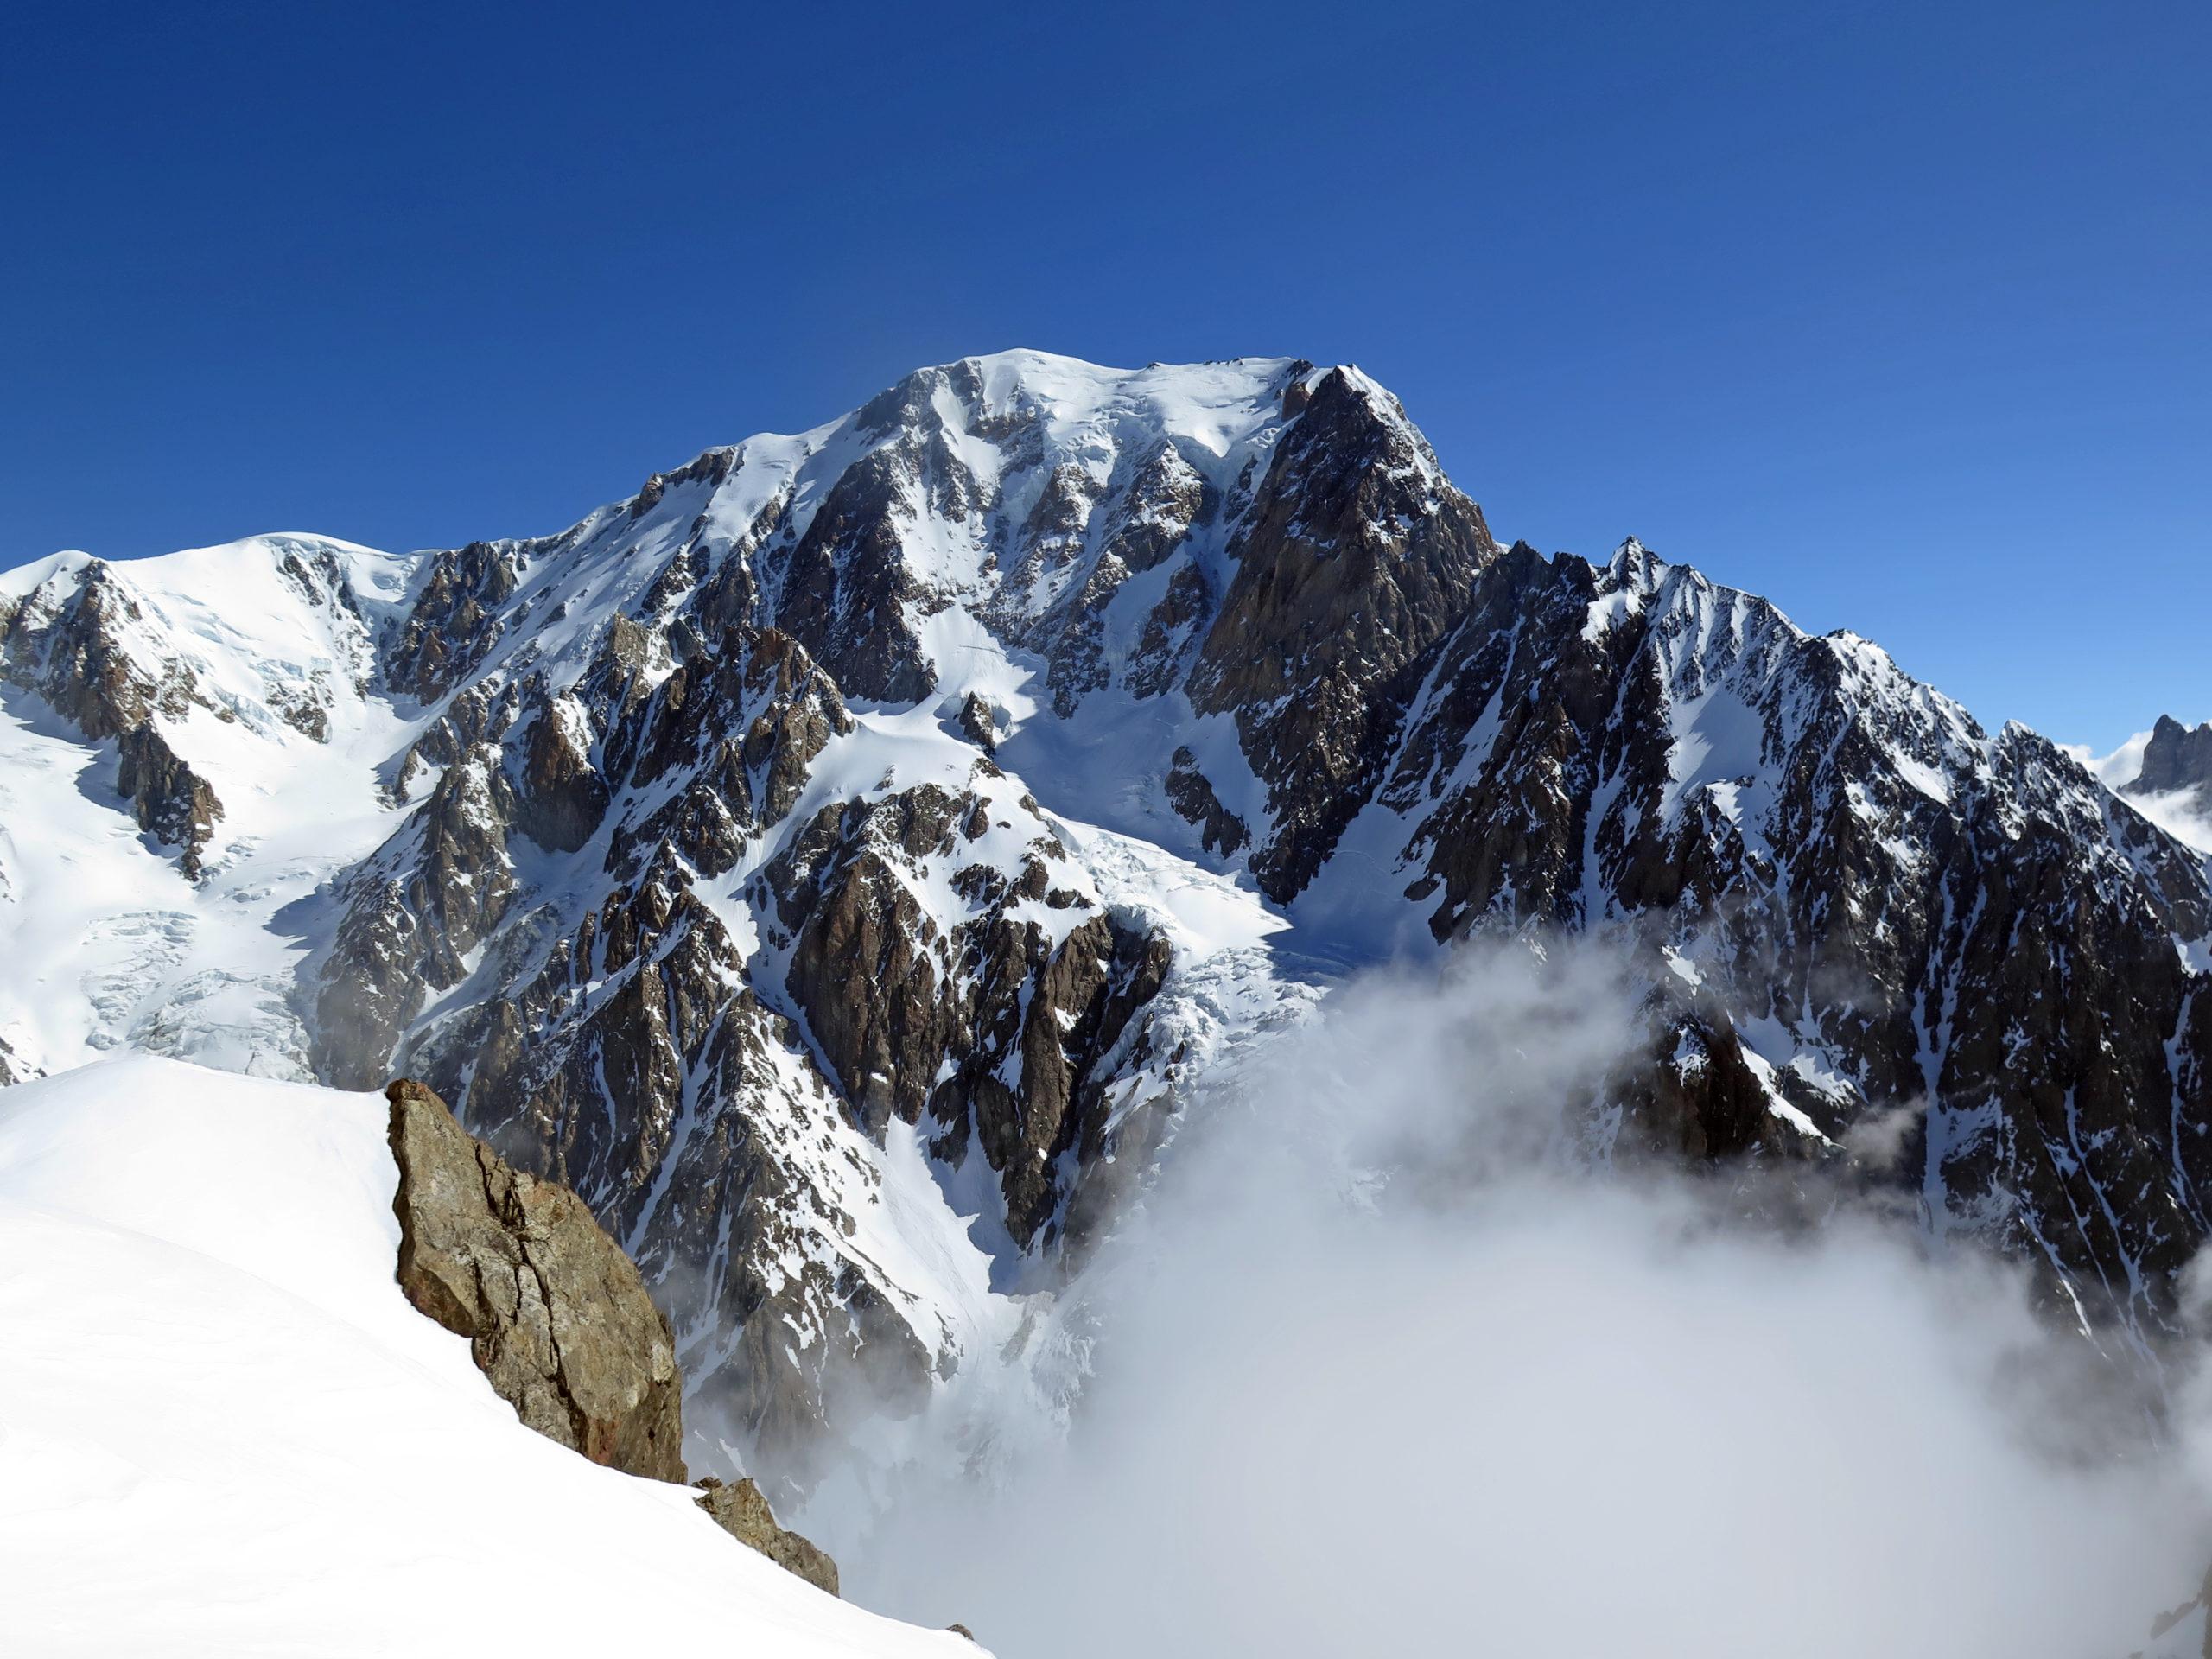 Il versante W del Monte Bianco